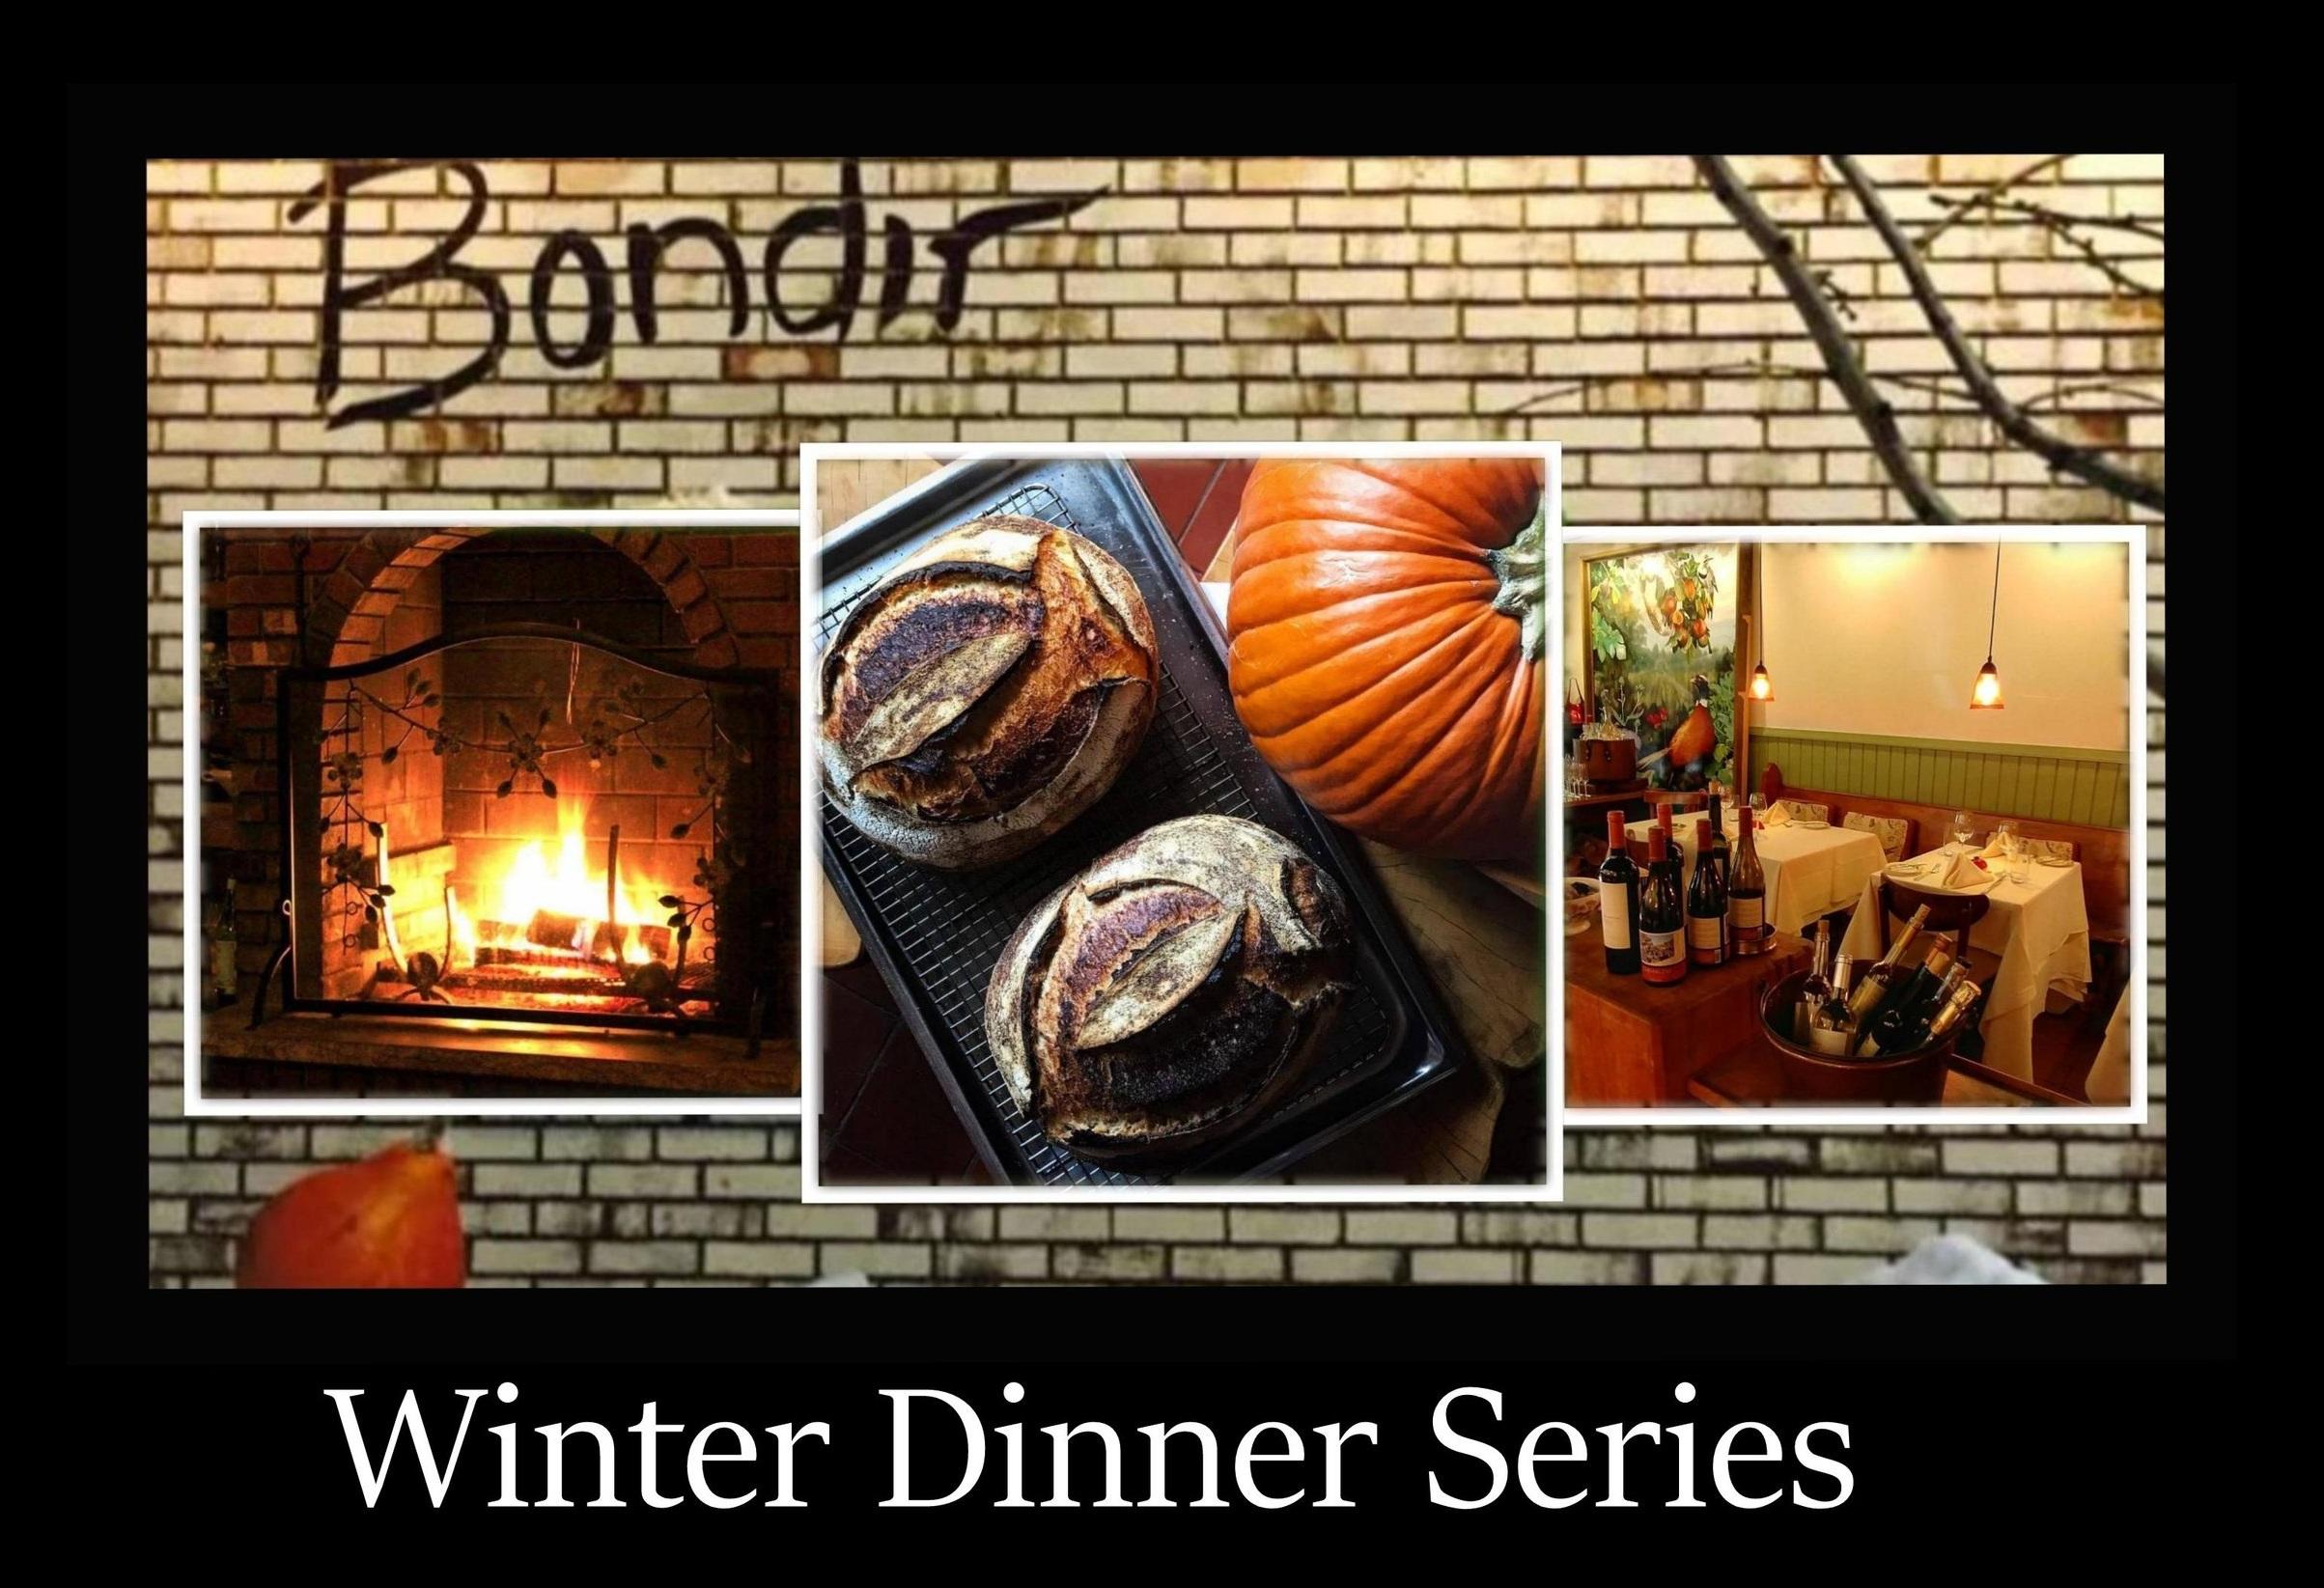 winter dinner series banner A.jpg